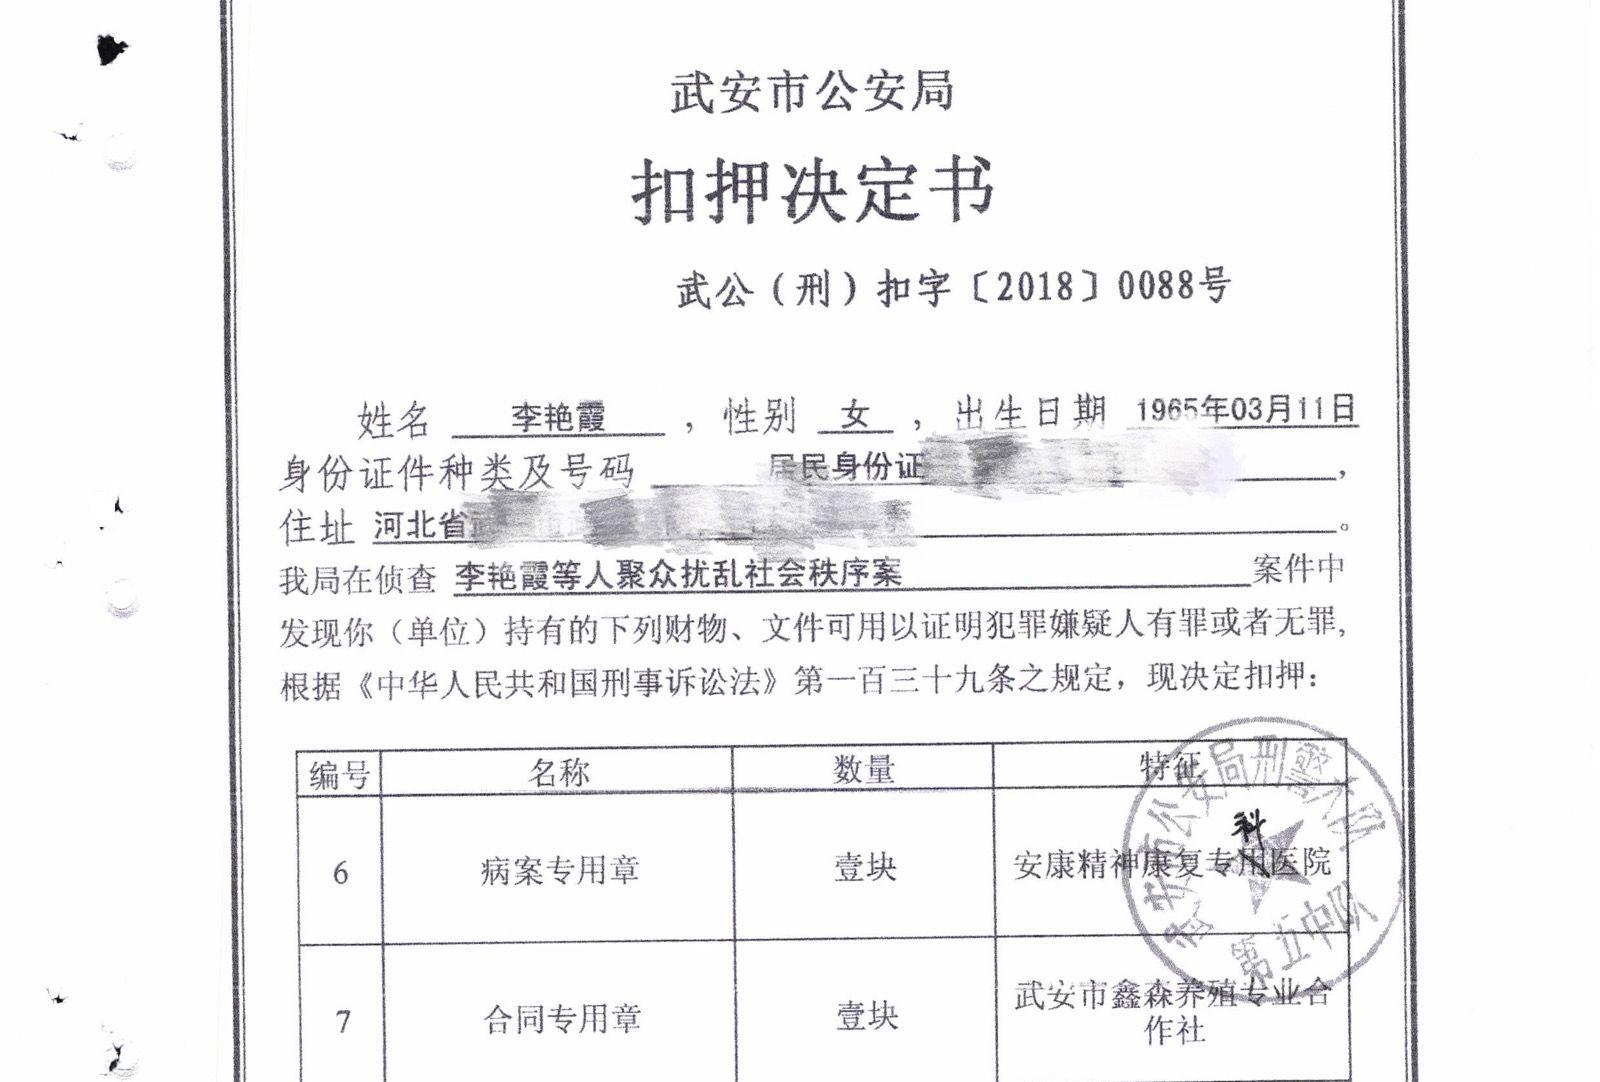 银川电子竞技俱乐部 国庆自驾游安全提示:9月30日起高速流量逐渐增大